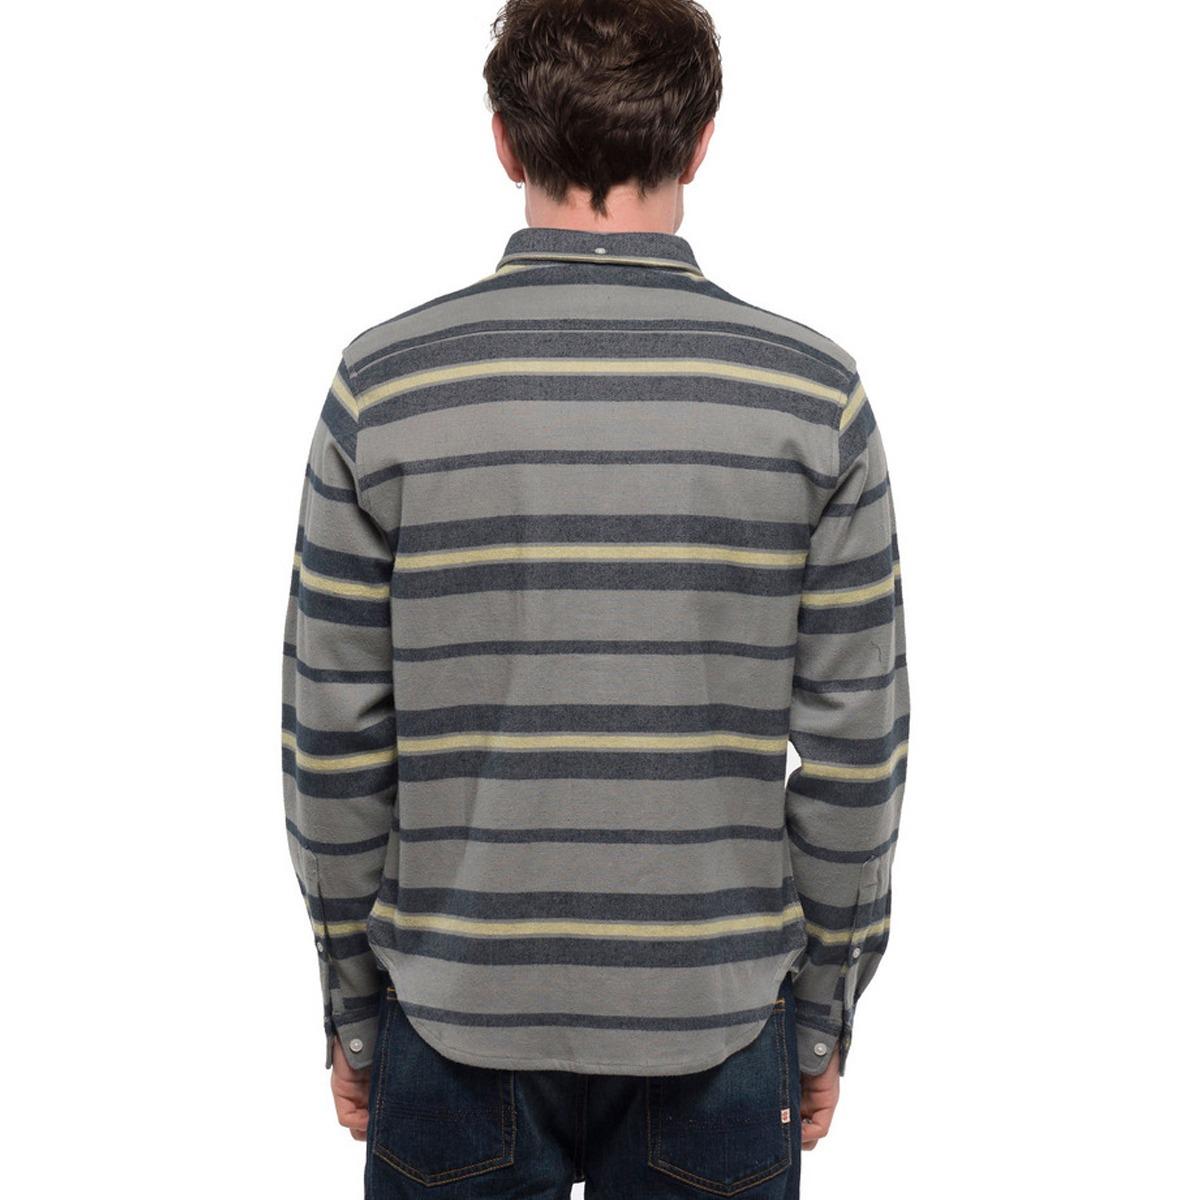 camisa masculina listrada skate element pollock original. Carregando zoom. e840023e51e